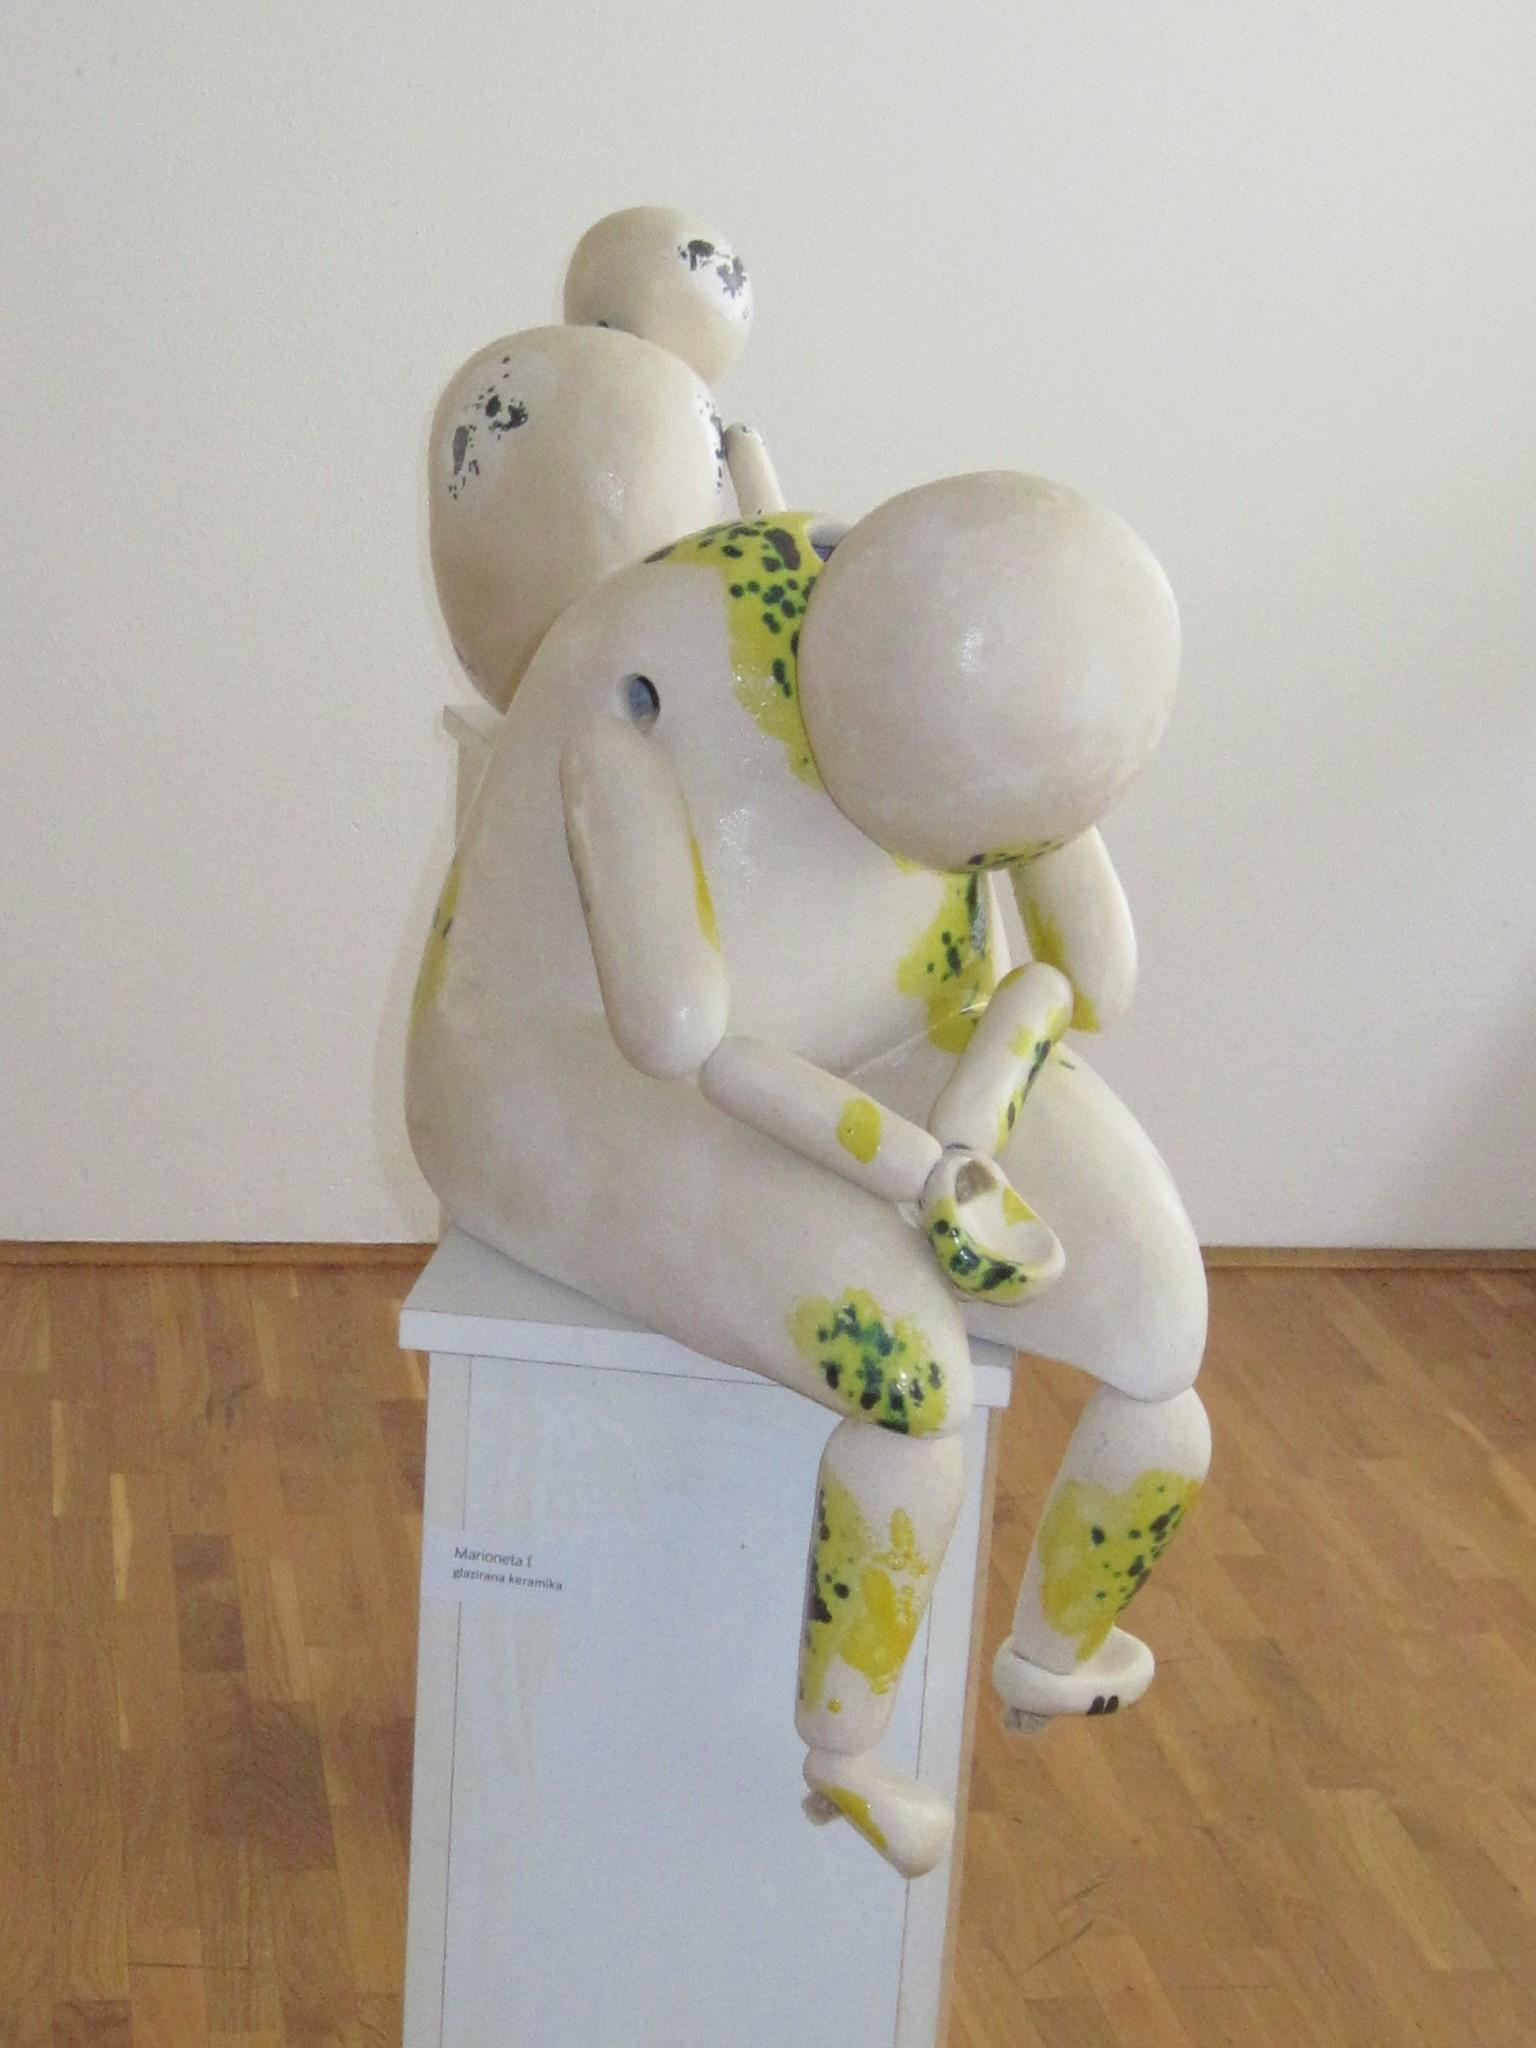 IMG 2261 - Anja Lautar - kiparska razstava